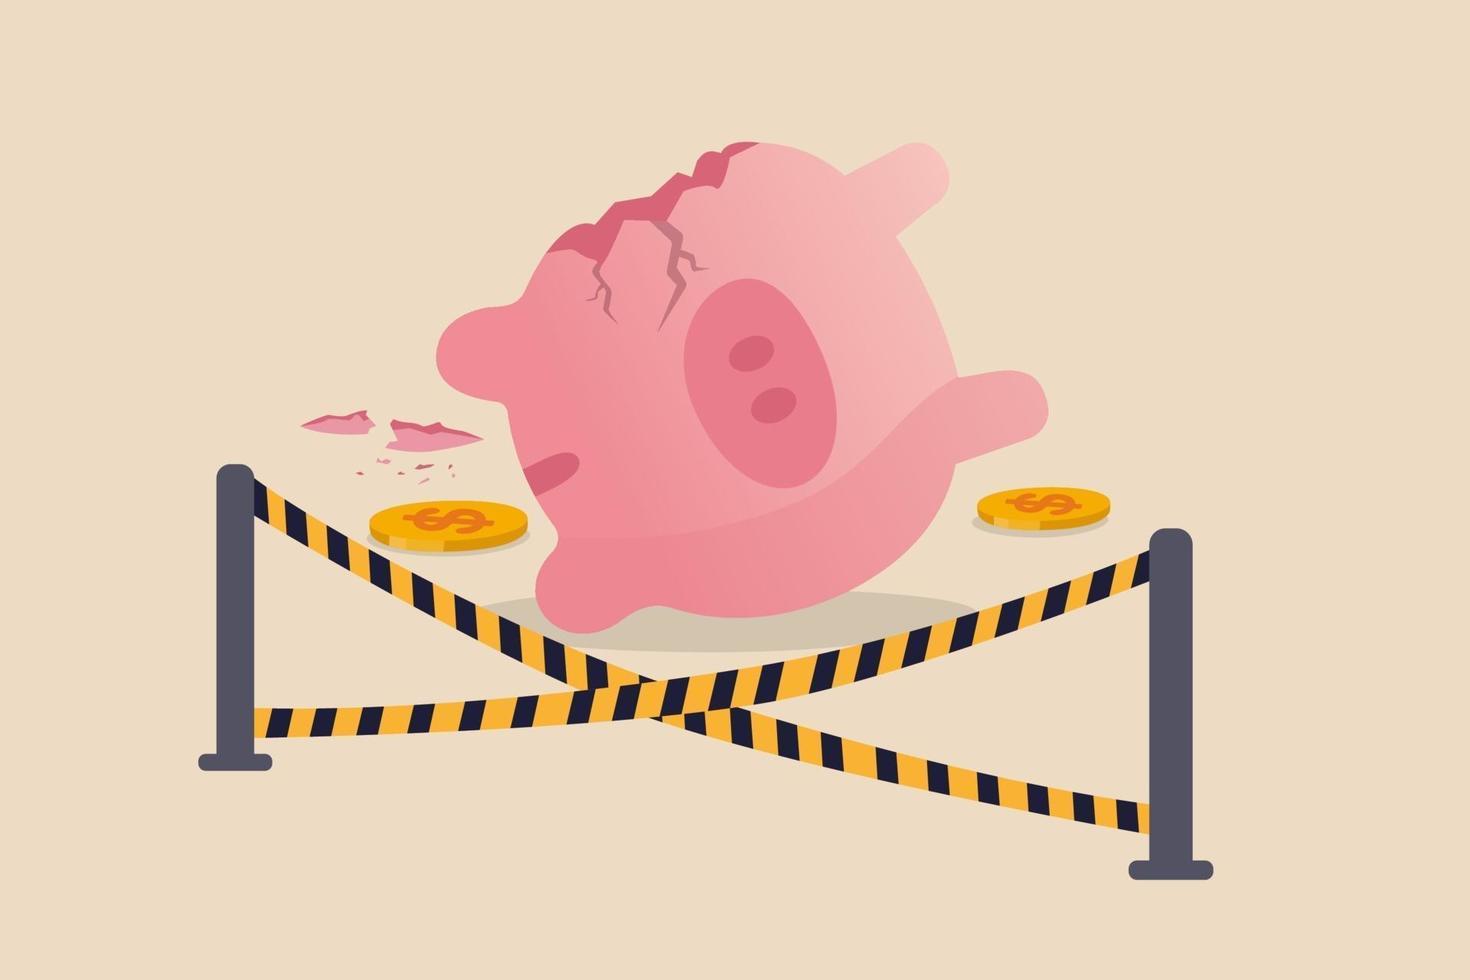 Gastos excessivos erro financeiro, dinheiro perdido em investimento ou quebra do mercado de ações causando falência no conceito de crise econômica, cofrinho rosa quebrado e dinheiro roubado com fita adesiva amarela da cena do crime. vetor